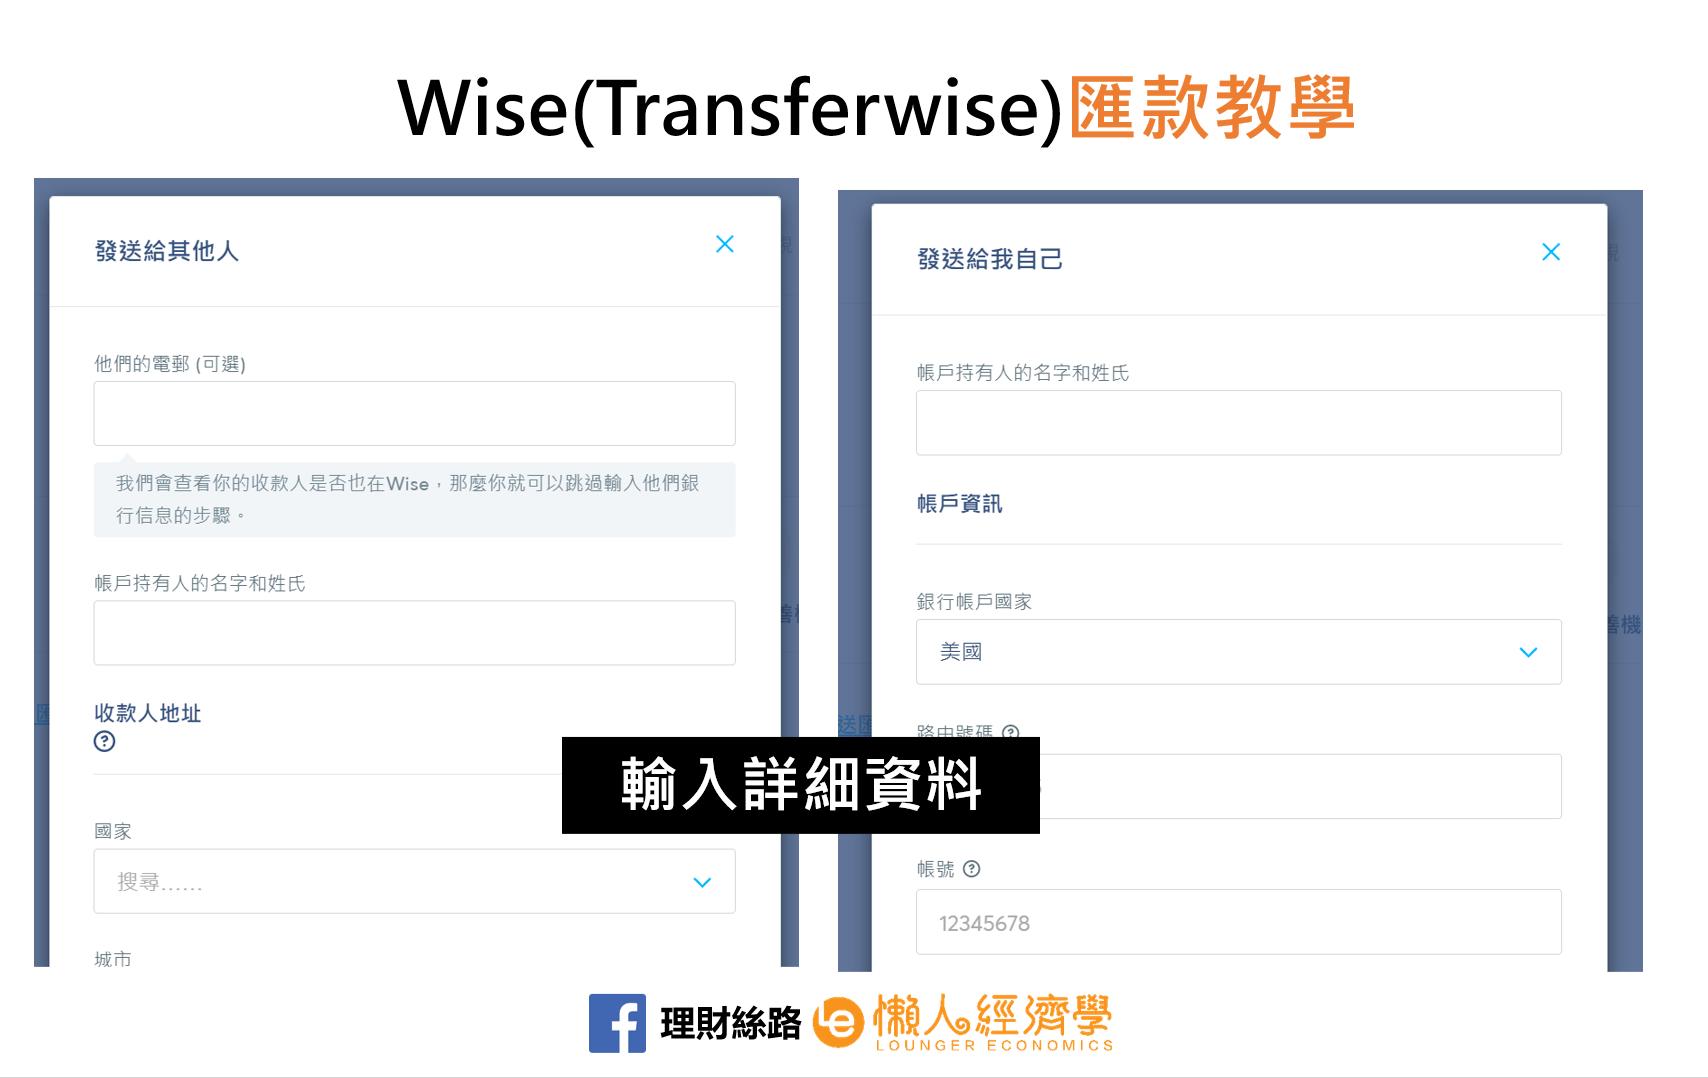 Wise匯款輸入詳細資料